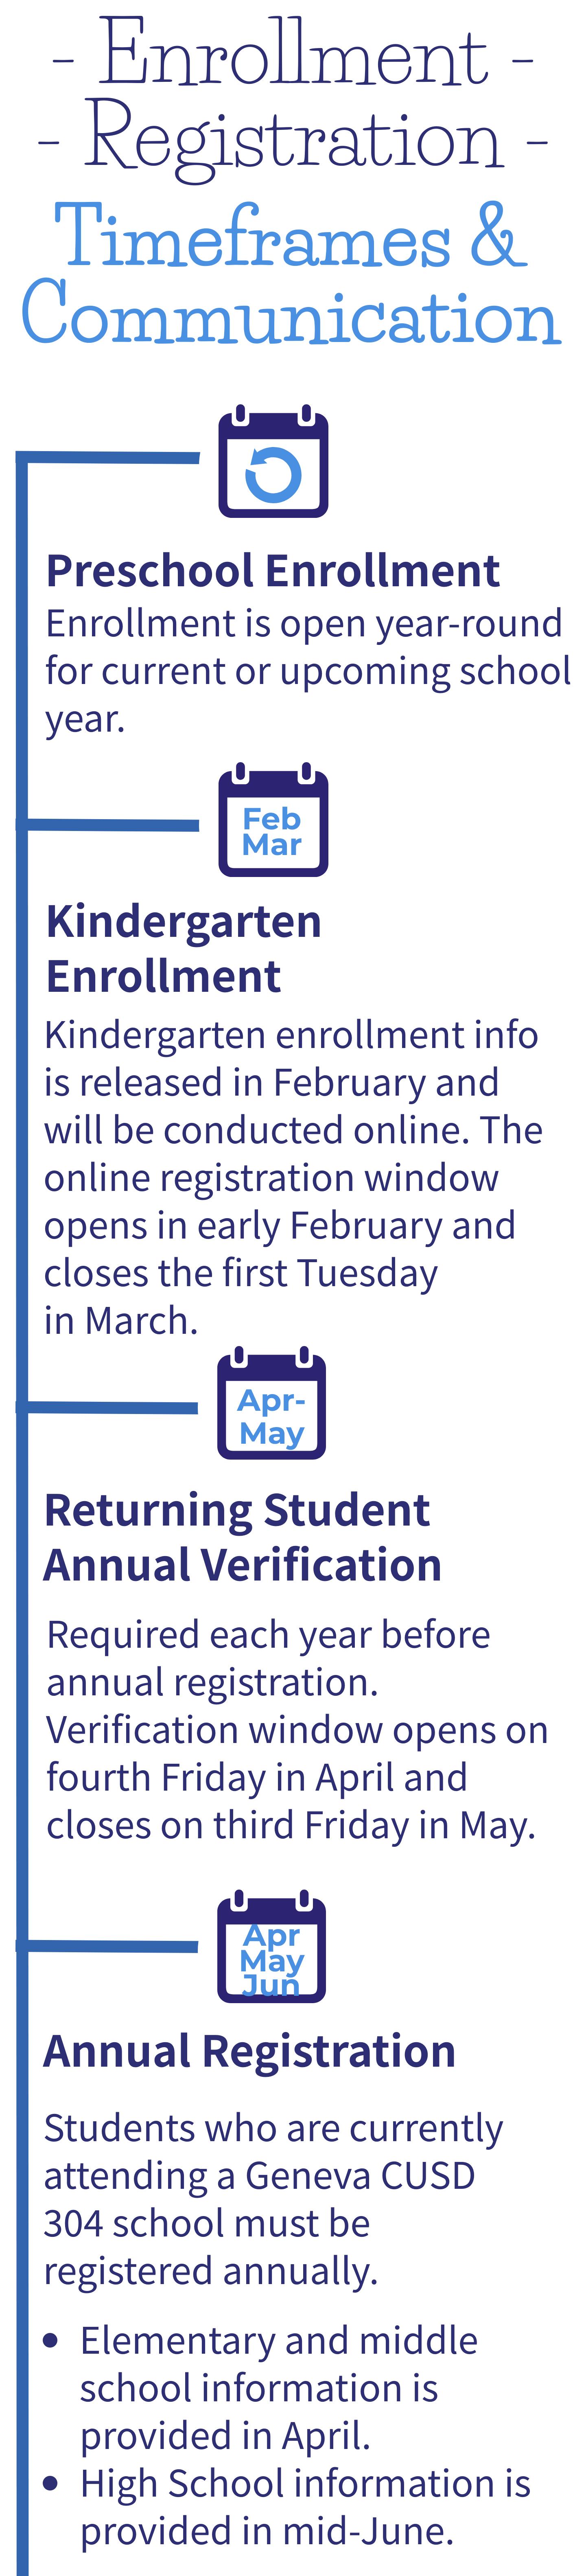 2021 Enrollment Timeline